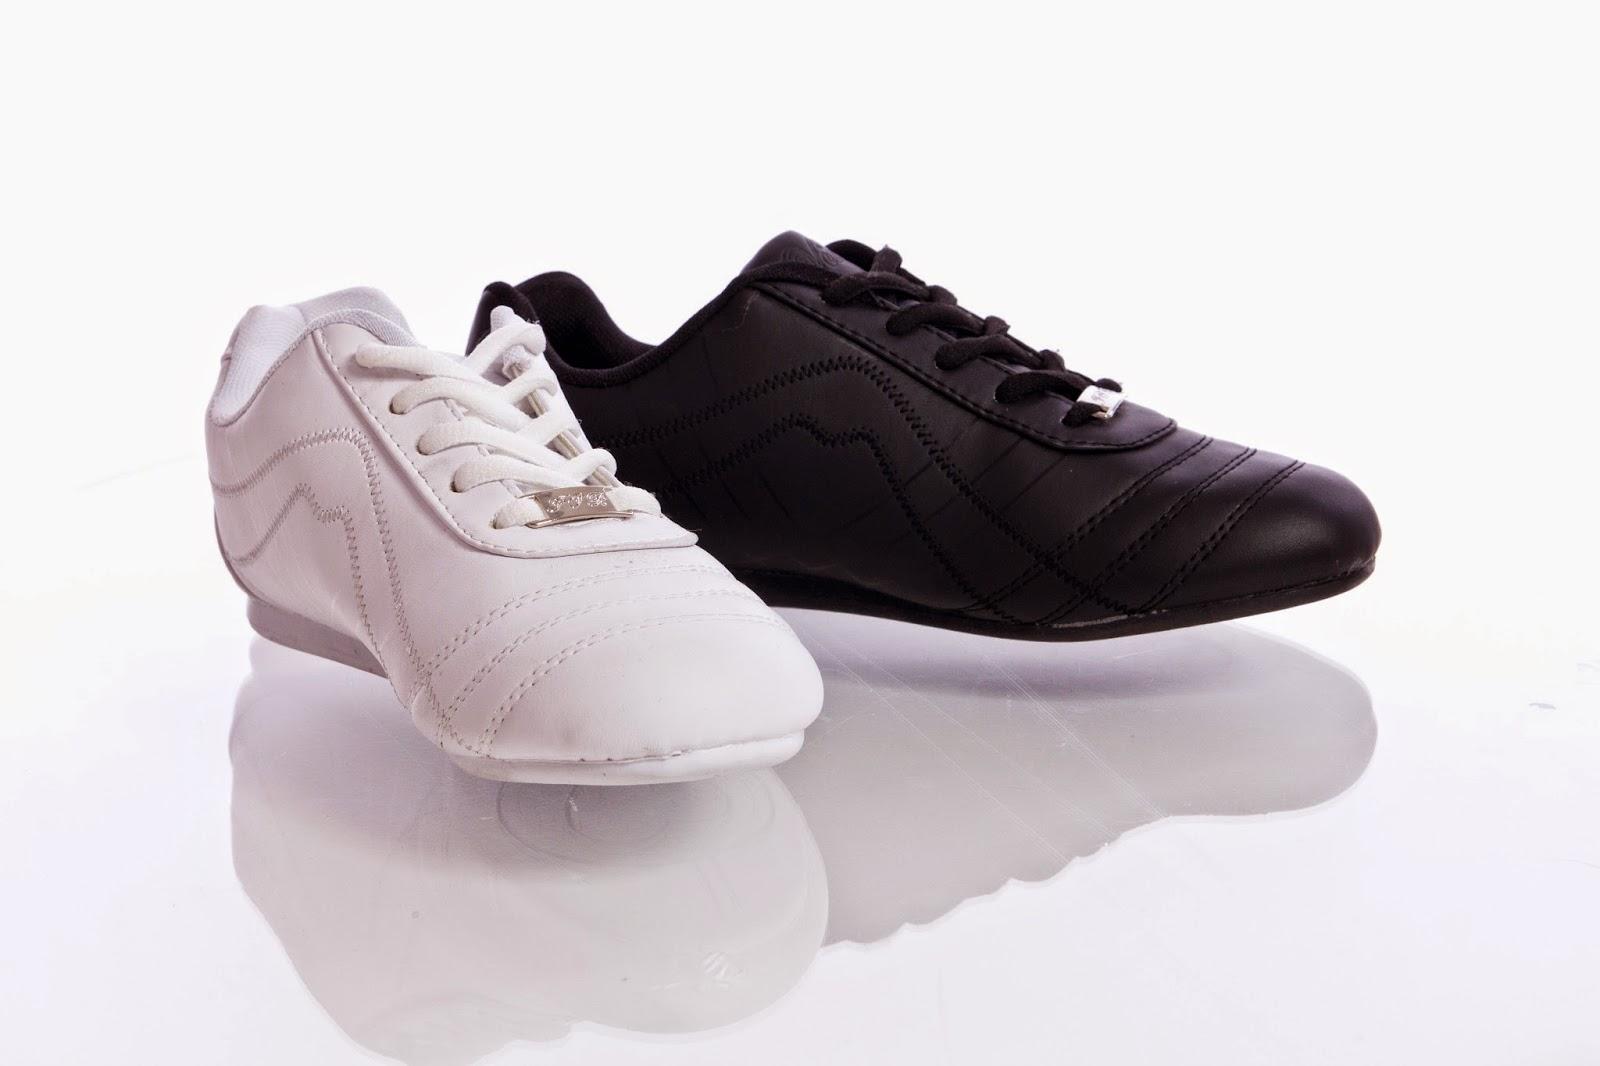 Spor Ayakkabı Elde Nasıl Yıkanır